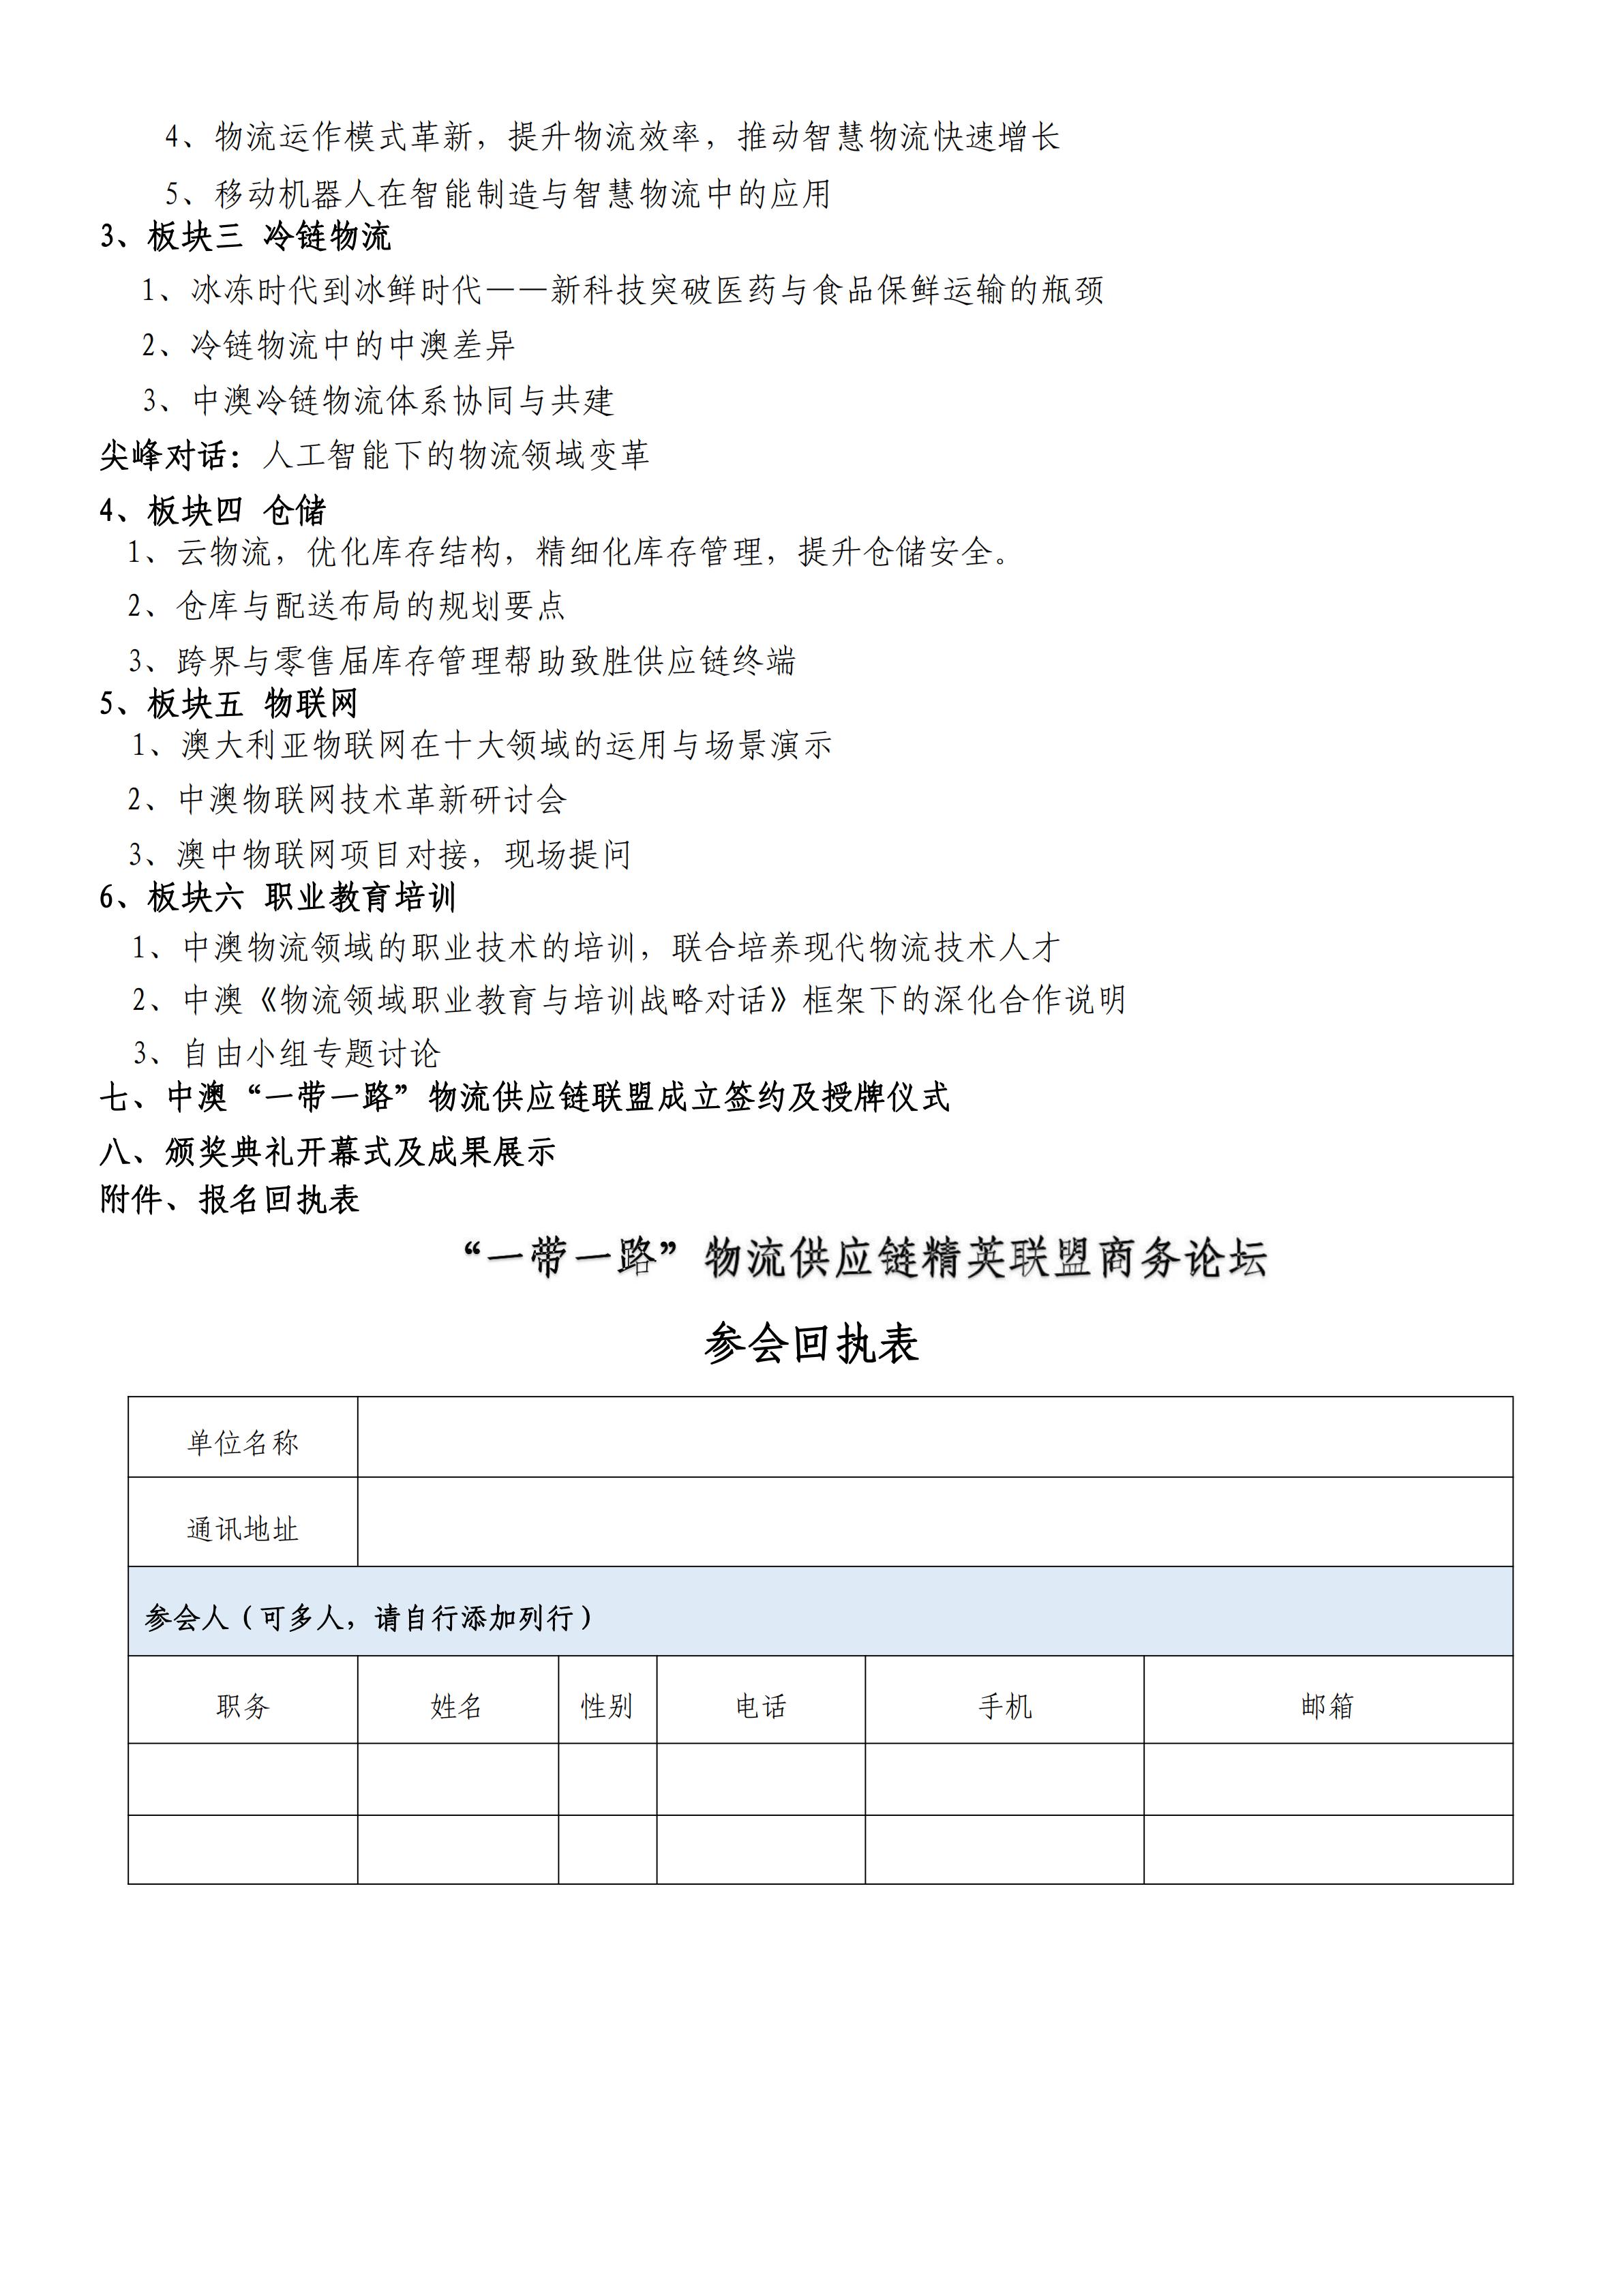 """""""一带一路""""物流供应链精英联盟商务论坛简介及报名表_02.png"""